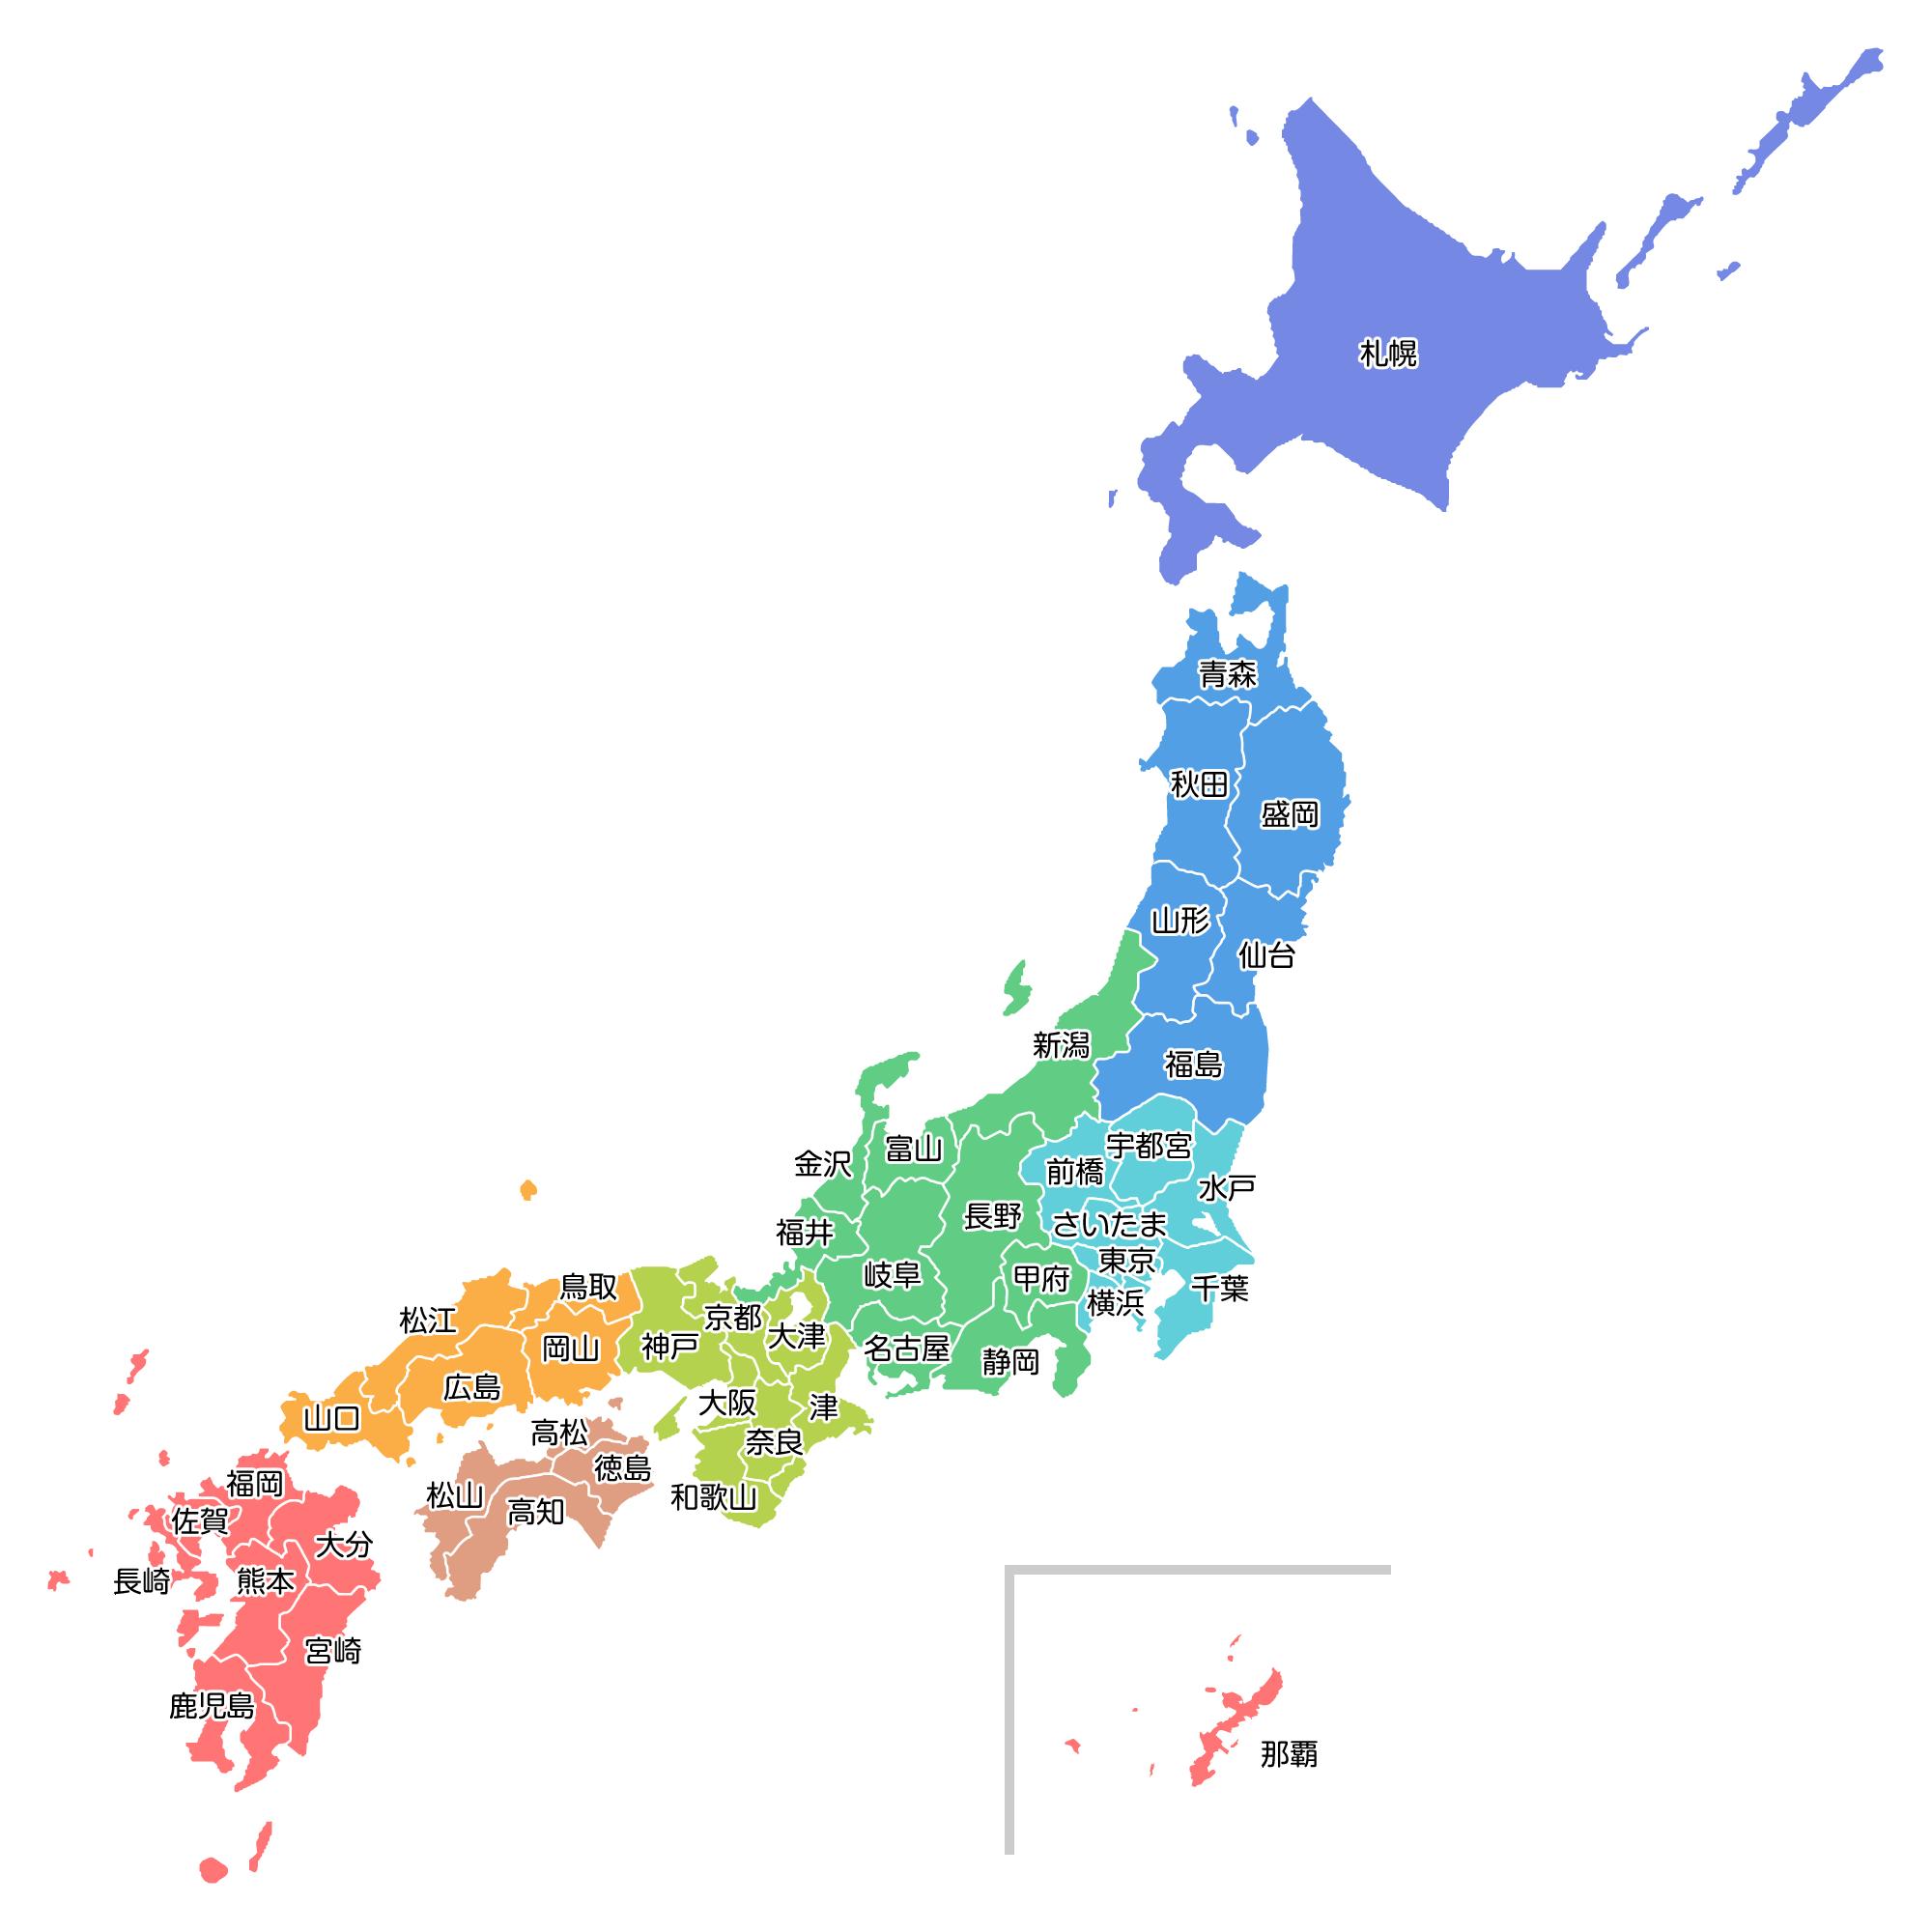 【県庁所在地名入り】日本地図のイラスト画像<地方区分色分け>